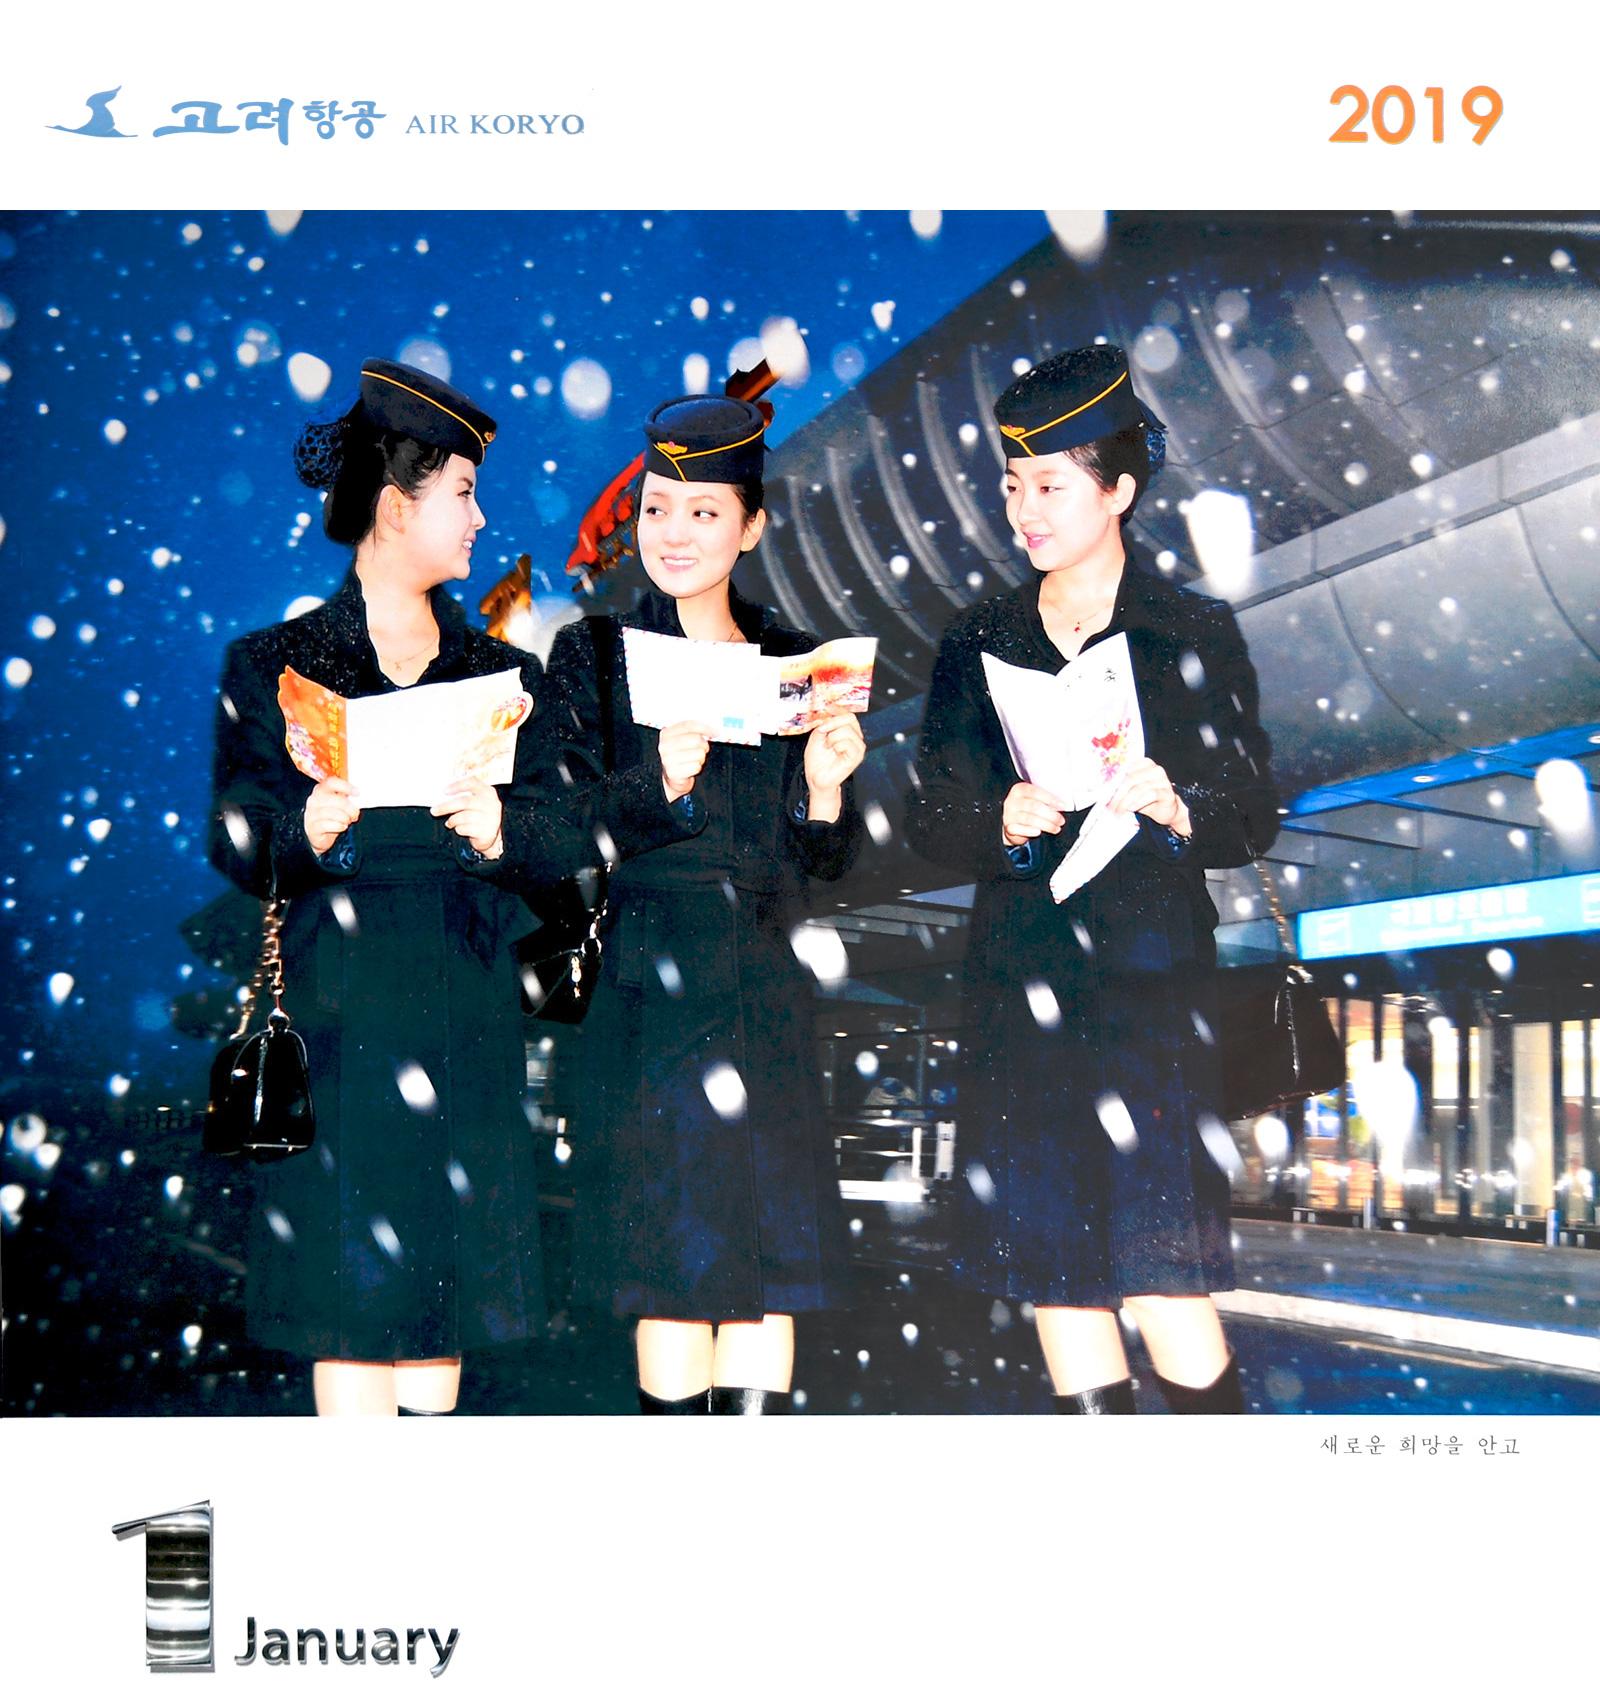 2019年1月カレンダー表紙